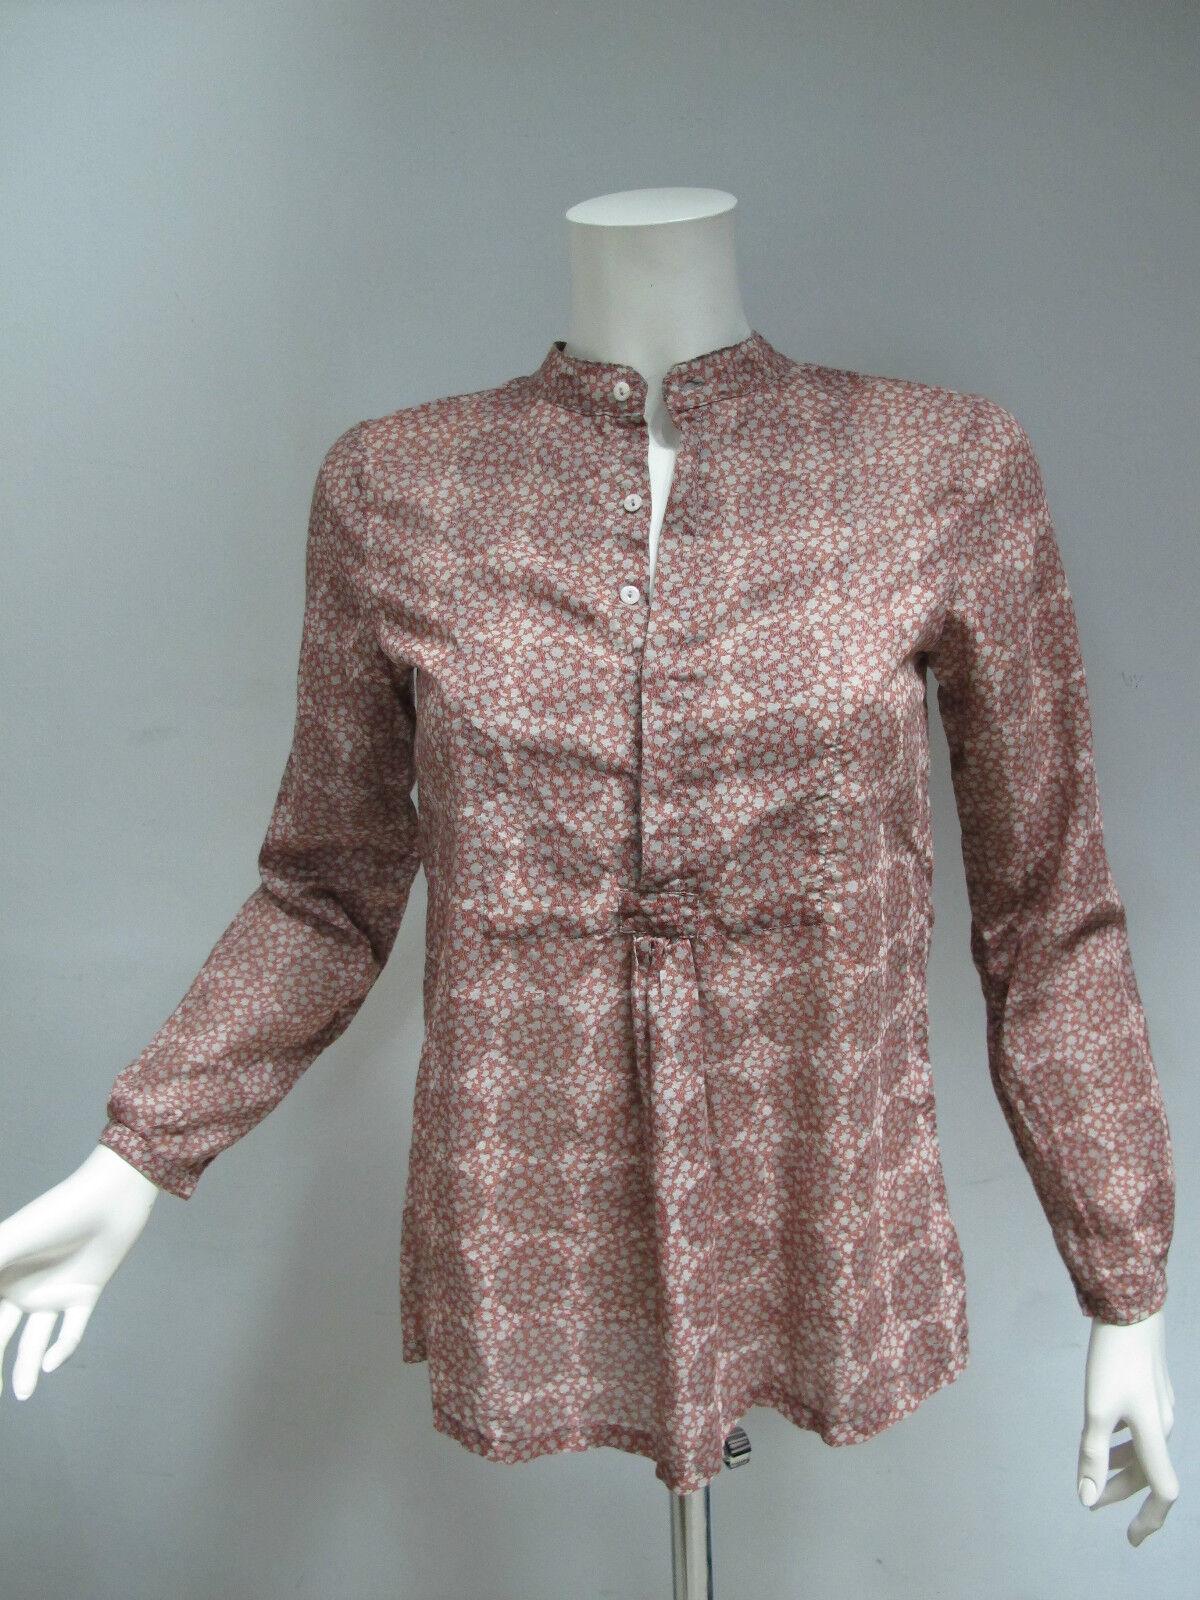 H. Eich Damenhemd Fantasie Art.hc1178 Kol. Beige Rost Größe 44 Winter 2011